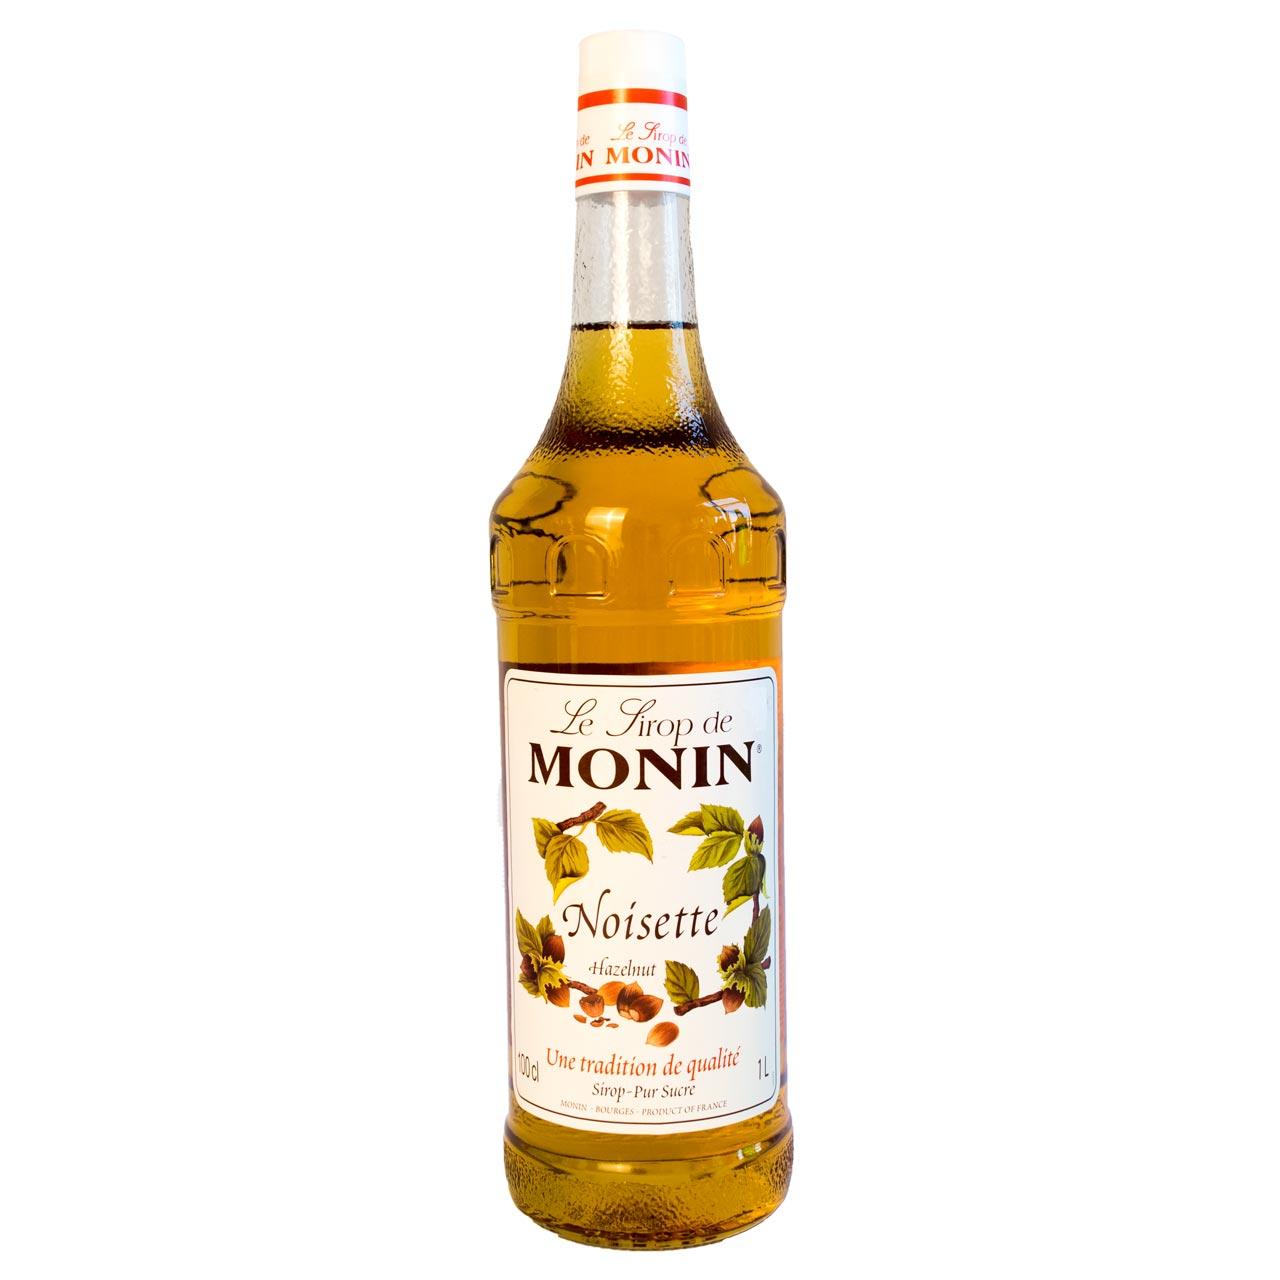 سیروپ فندق یک لیتر مونین – monin